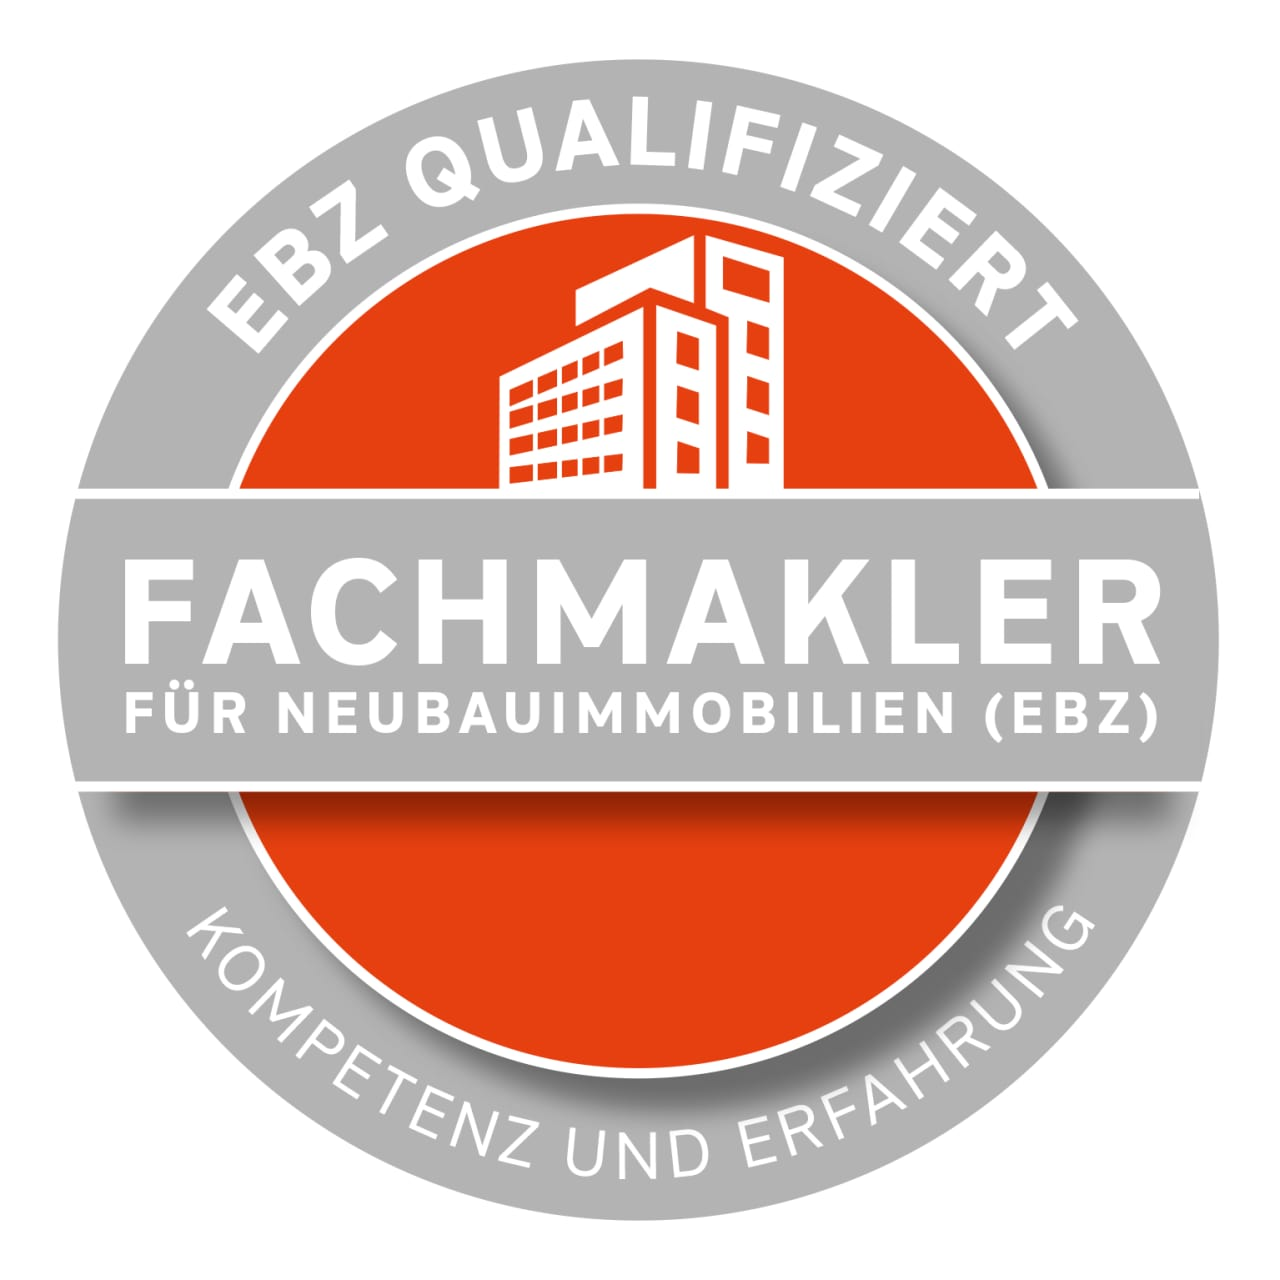 Fachmakler für Neubauimmobilien